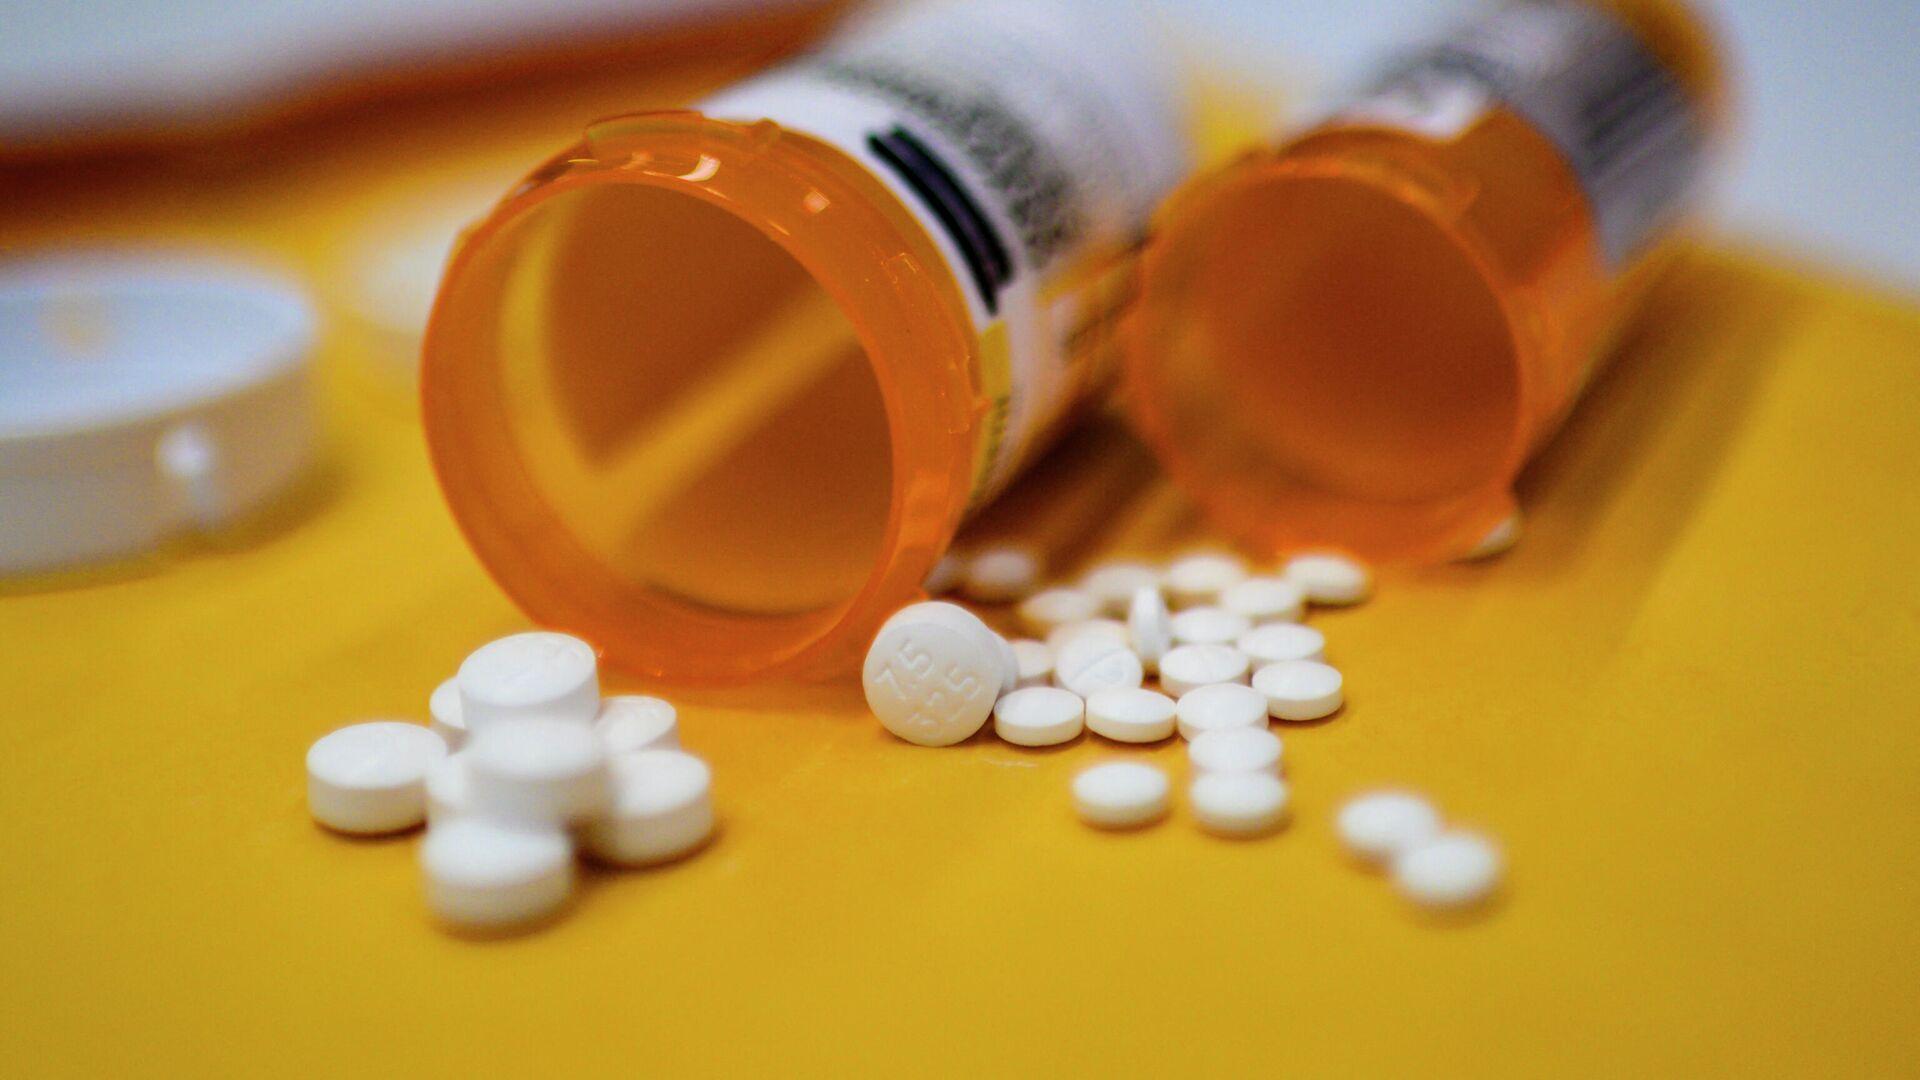 Pastillas de Oxycodon, un opioide recetado en Estados Unidos (referencial)  - Sputnik Mundo, 1920, 13.10.2021